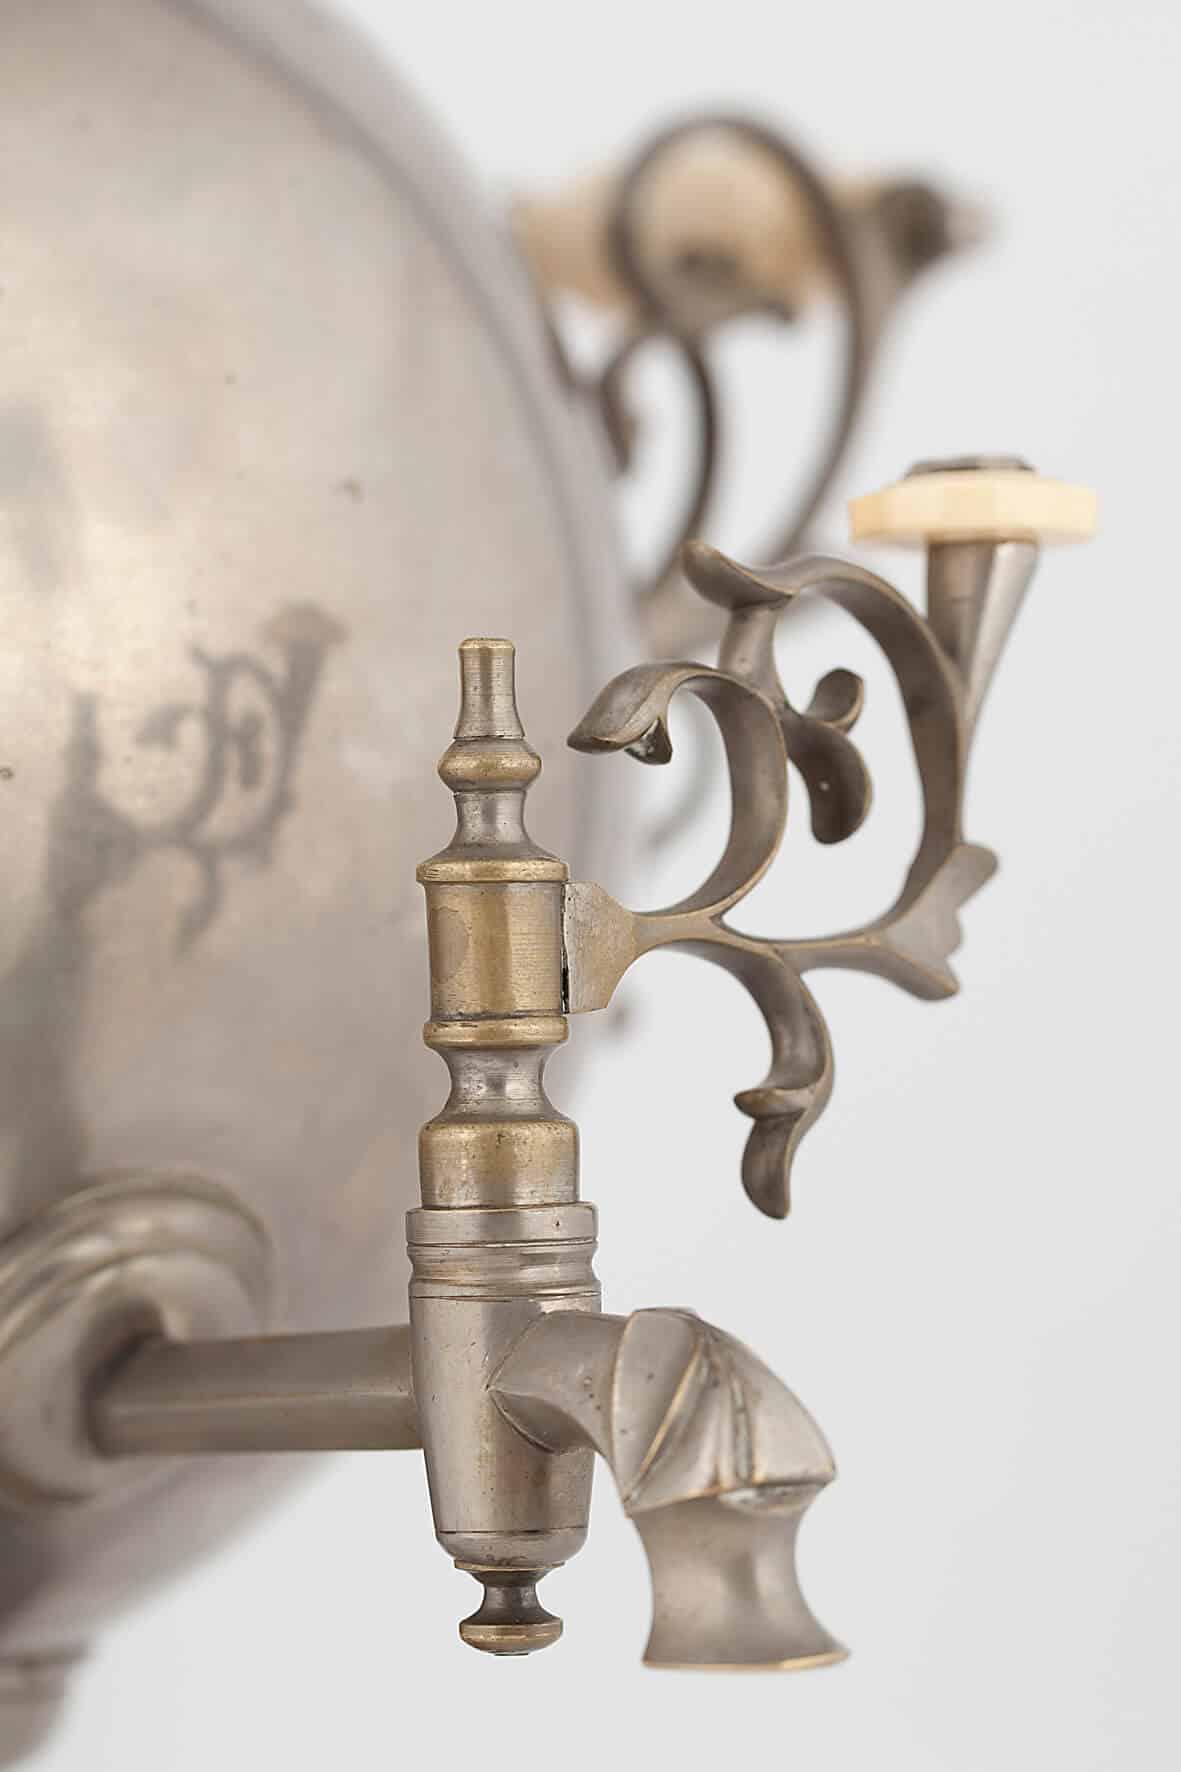 КБ 458 | Самовар-шар с фигурным поддоном | Музей самоваров и бульоток